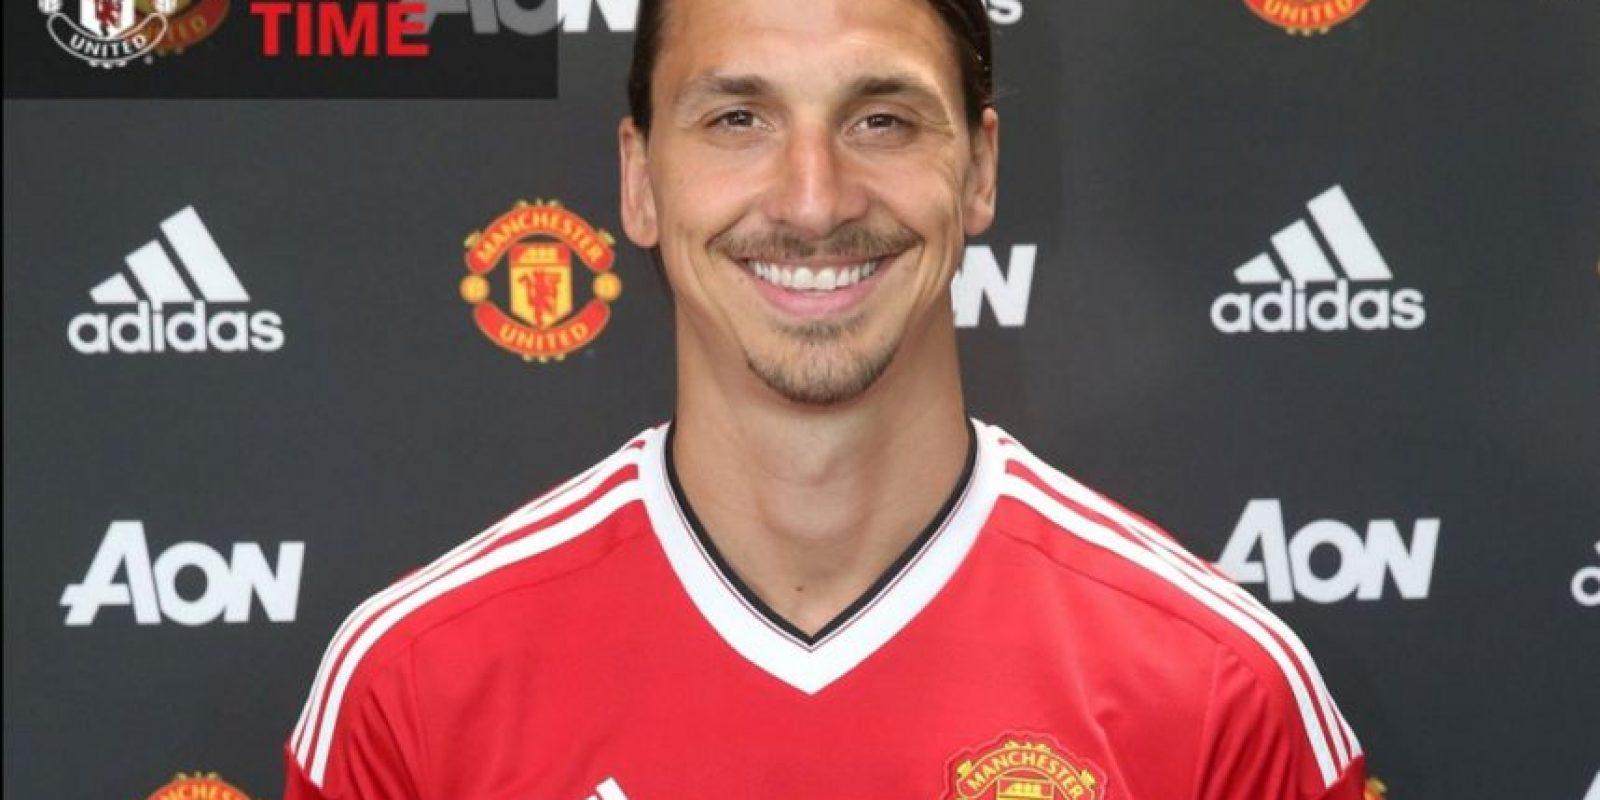 El flamante fichaje de Manchester United es el único jugador de la Premier League que aparece en el listado con 12 millones al año Foto:Twitter Manchester United